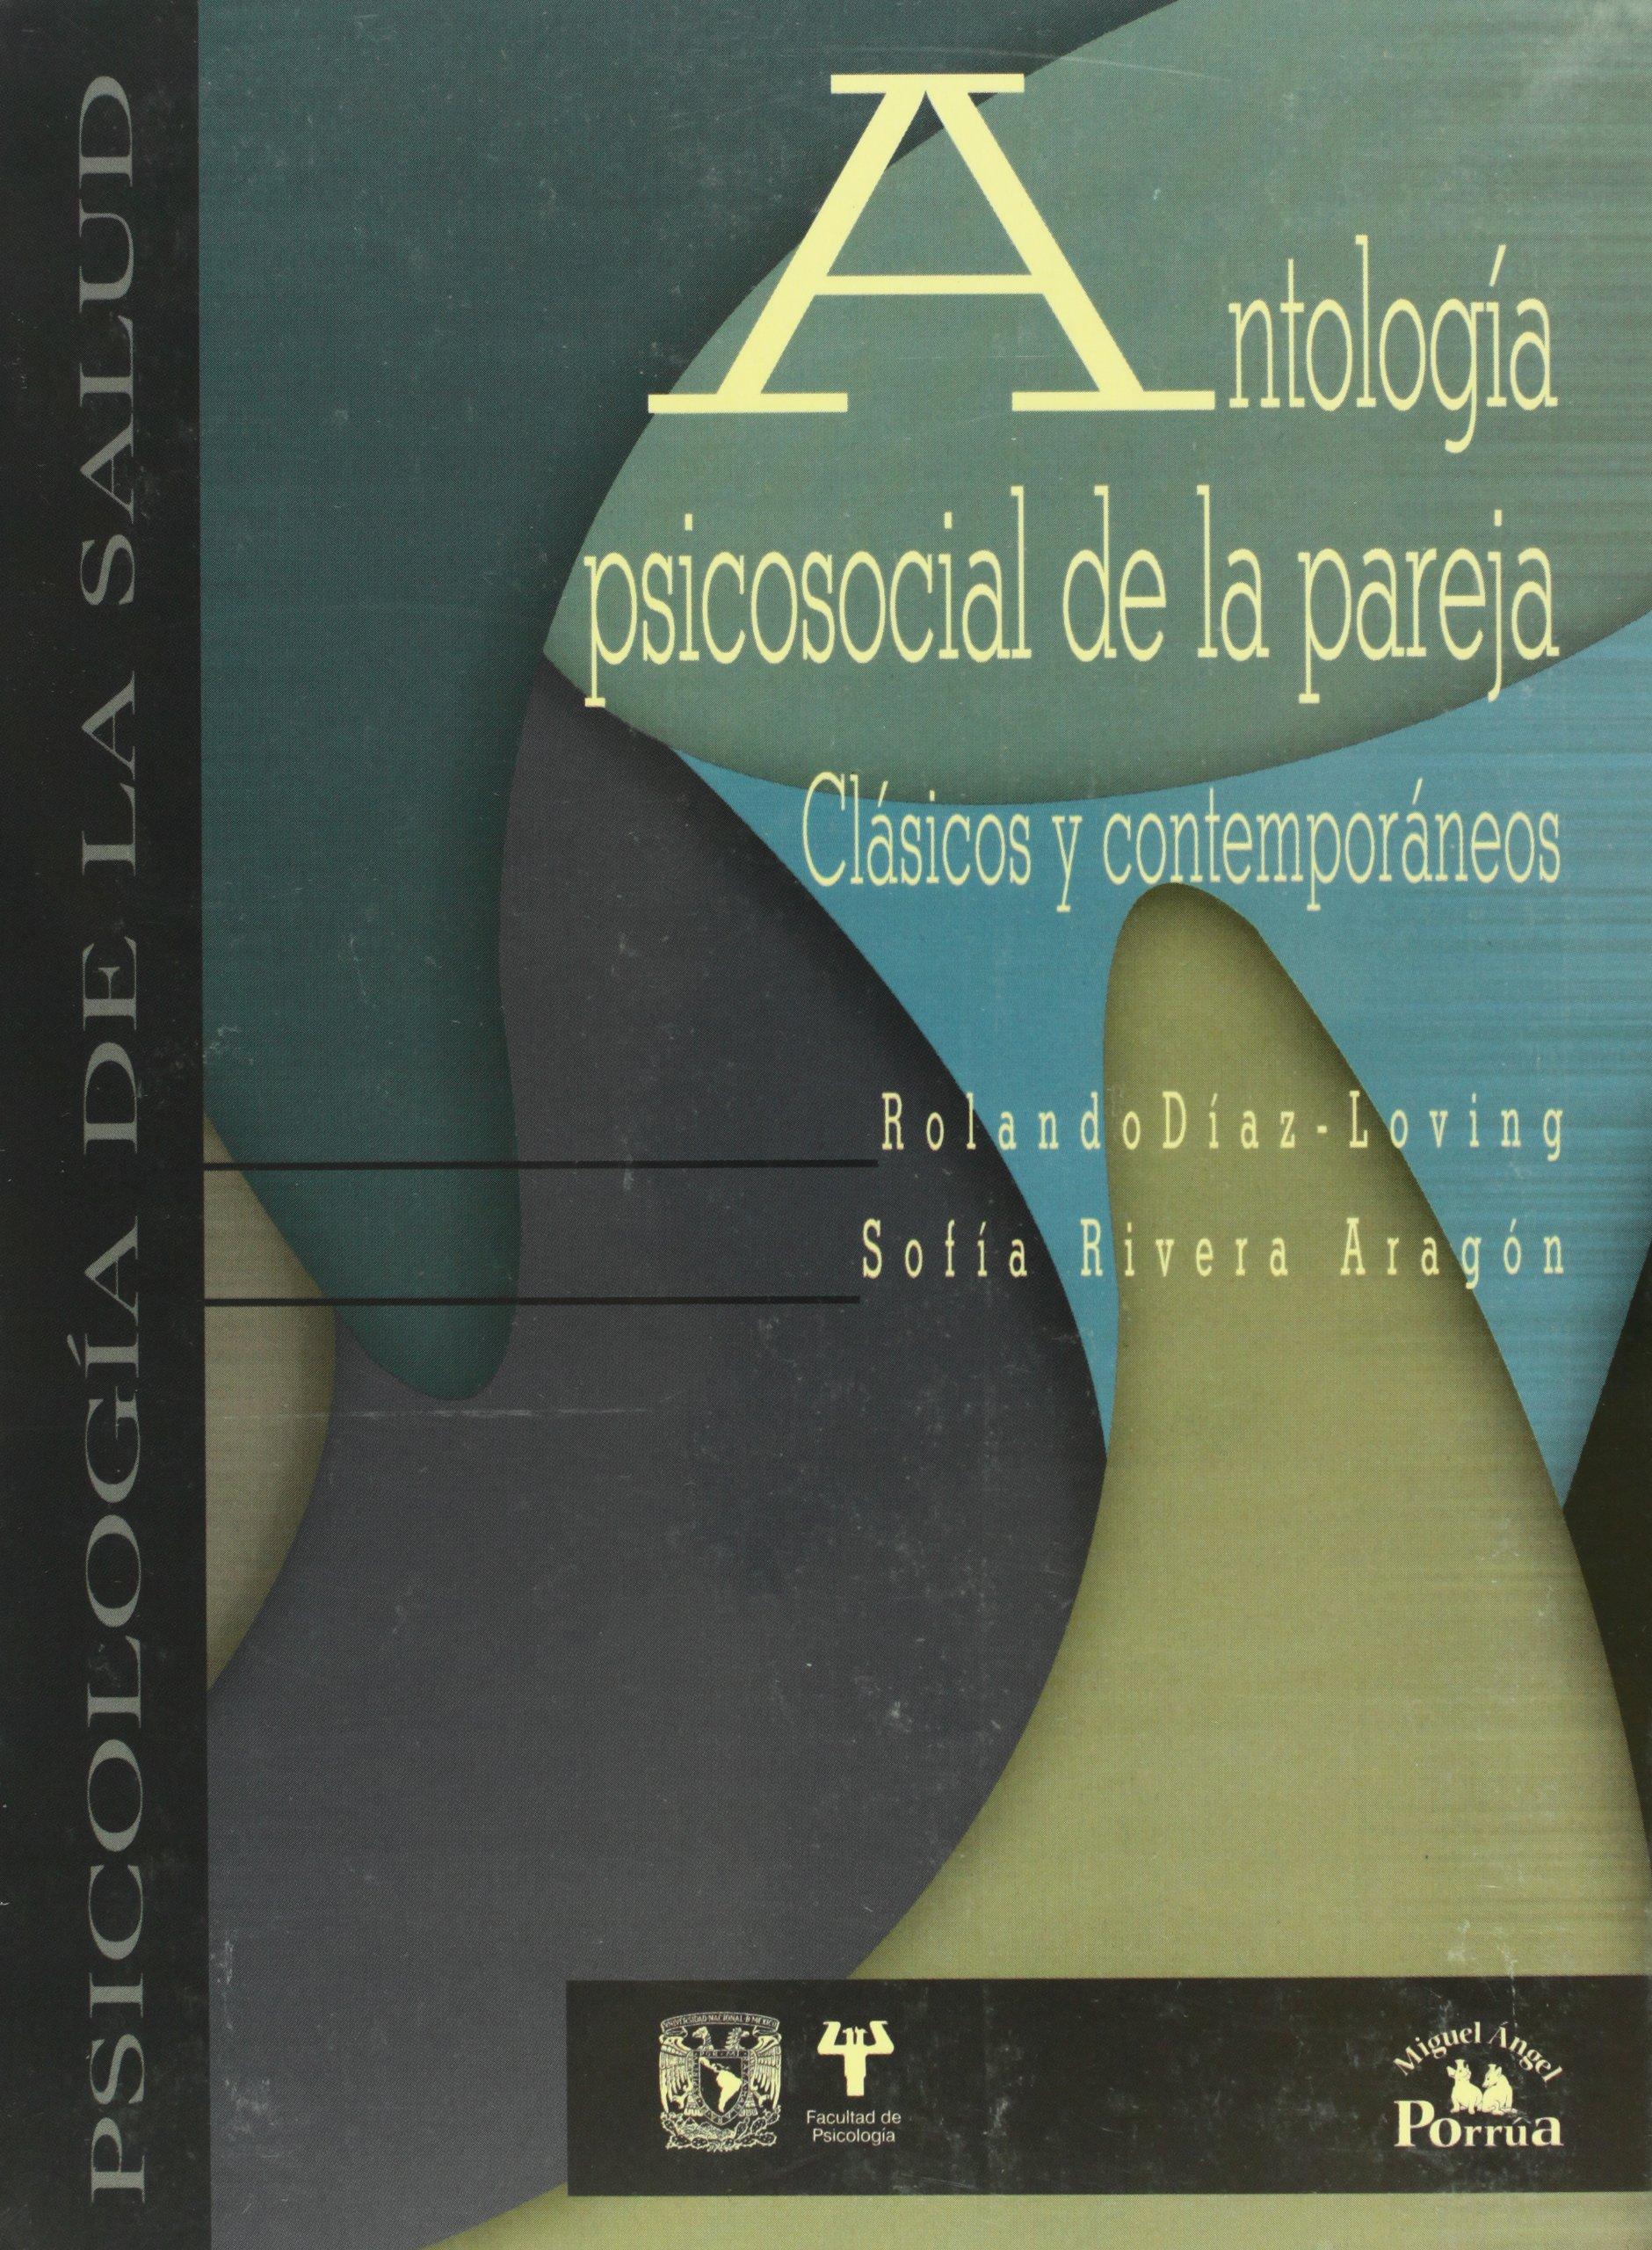 Antologia psicosocial de la pareja. Clasicos y contemporaneos (Spanish Edition) ebook